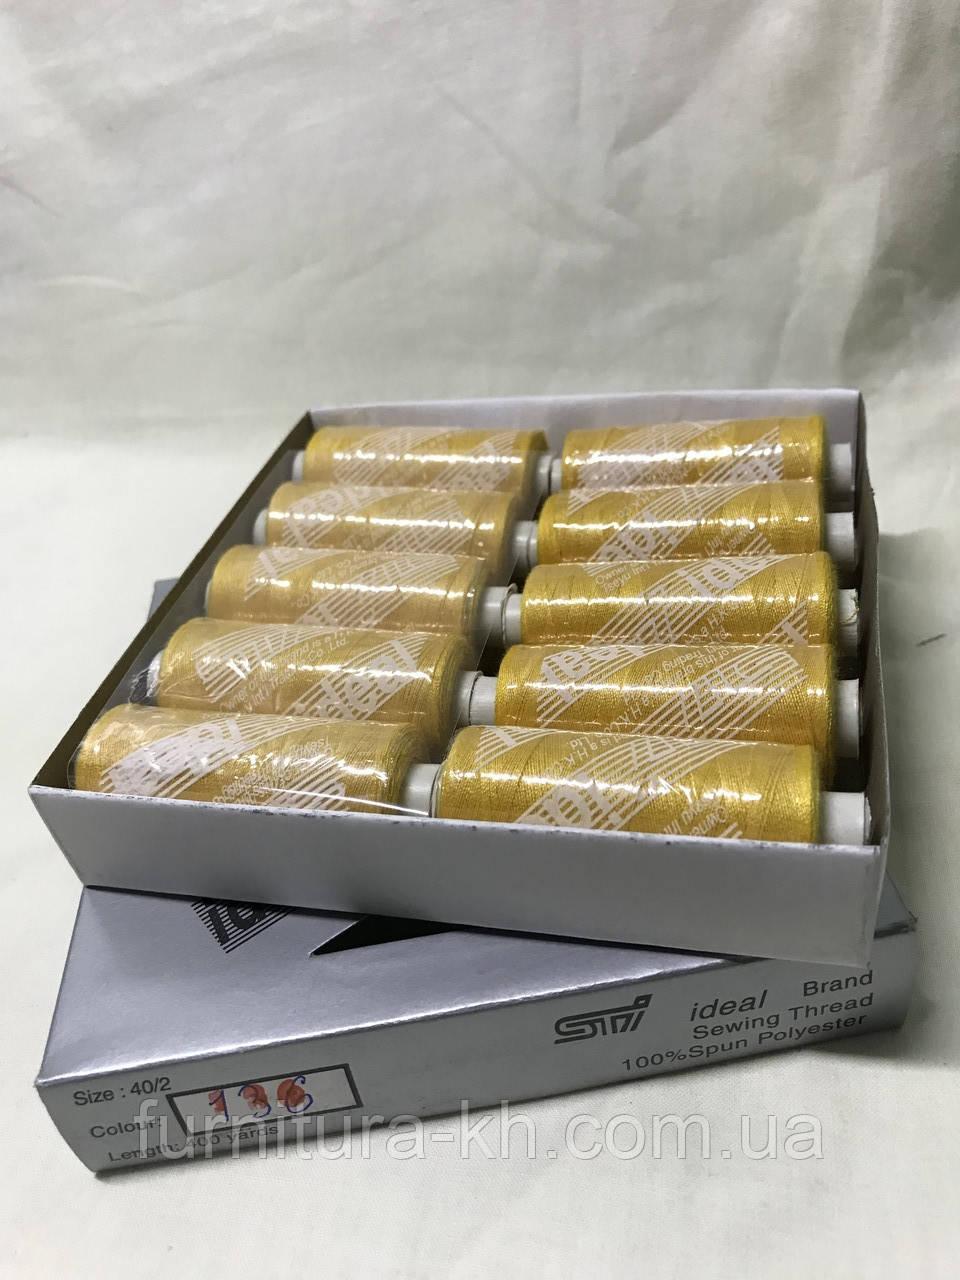 Нитки IDEAL  швейные  №40-полиэстер  цвет № 136 под-золото